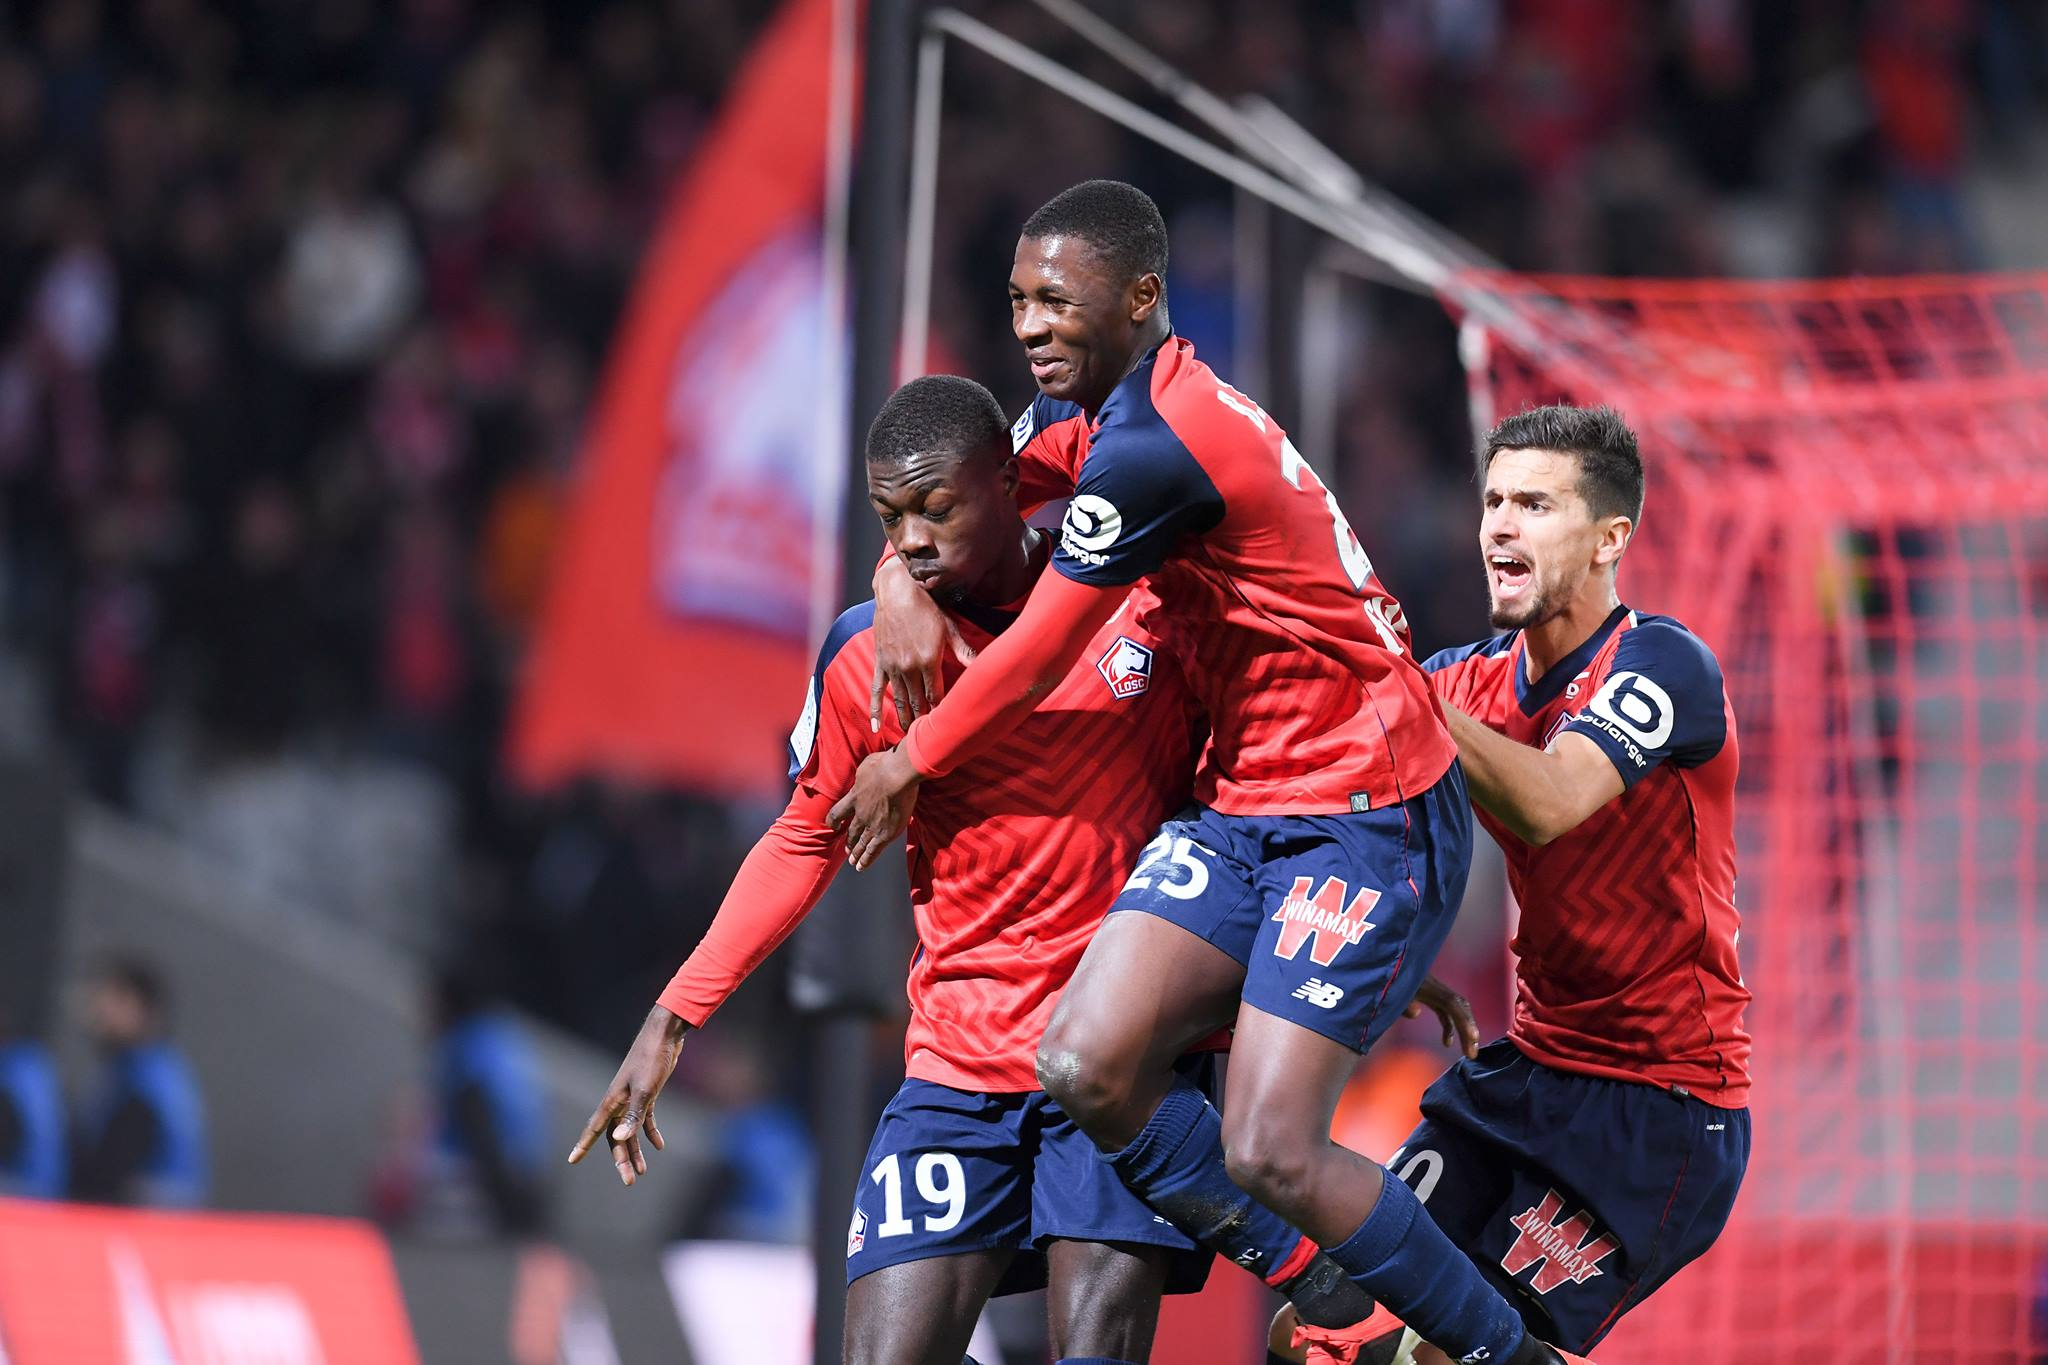 Caen-Lilla 11 gennaio: si gioca per la 20 esima giornata della Serie A del calcio francese. Ospiti favoriti, ma occhio ai locali.